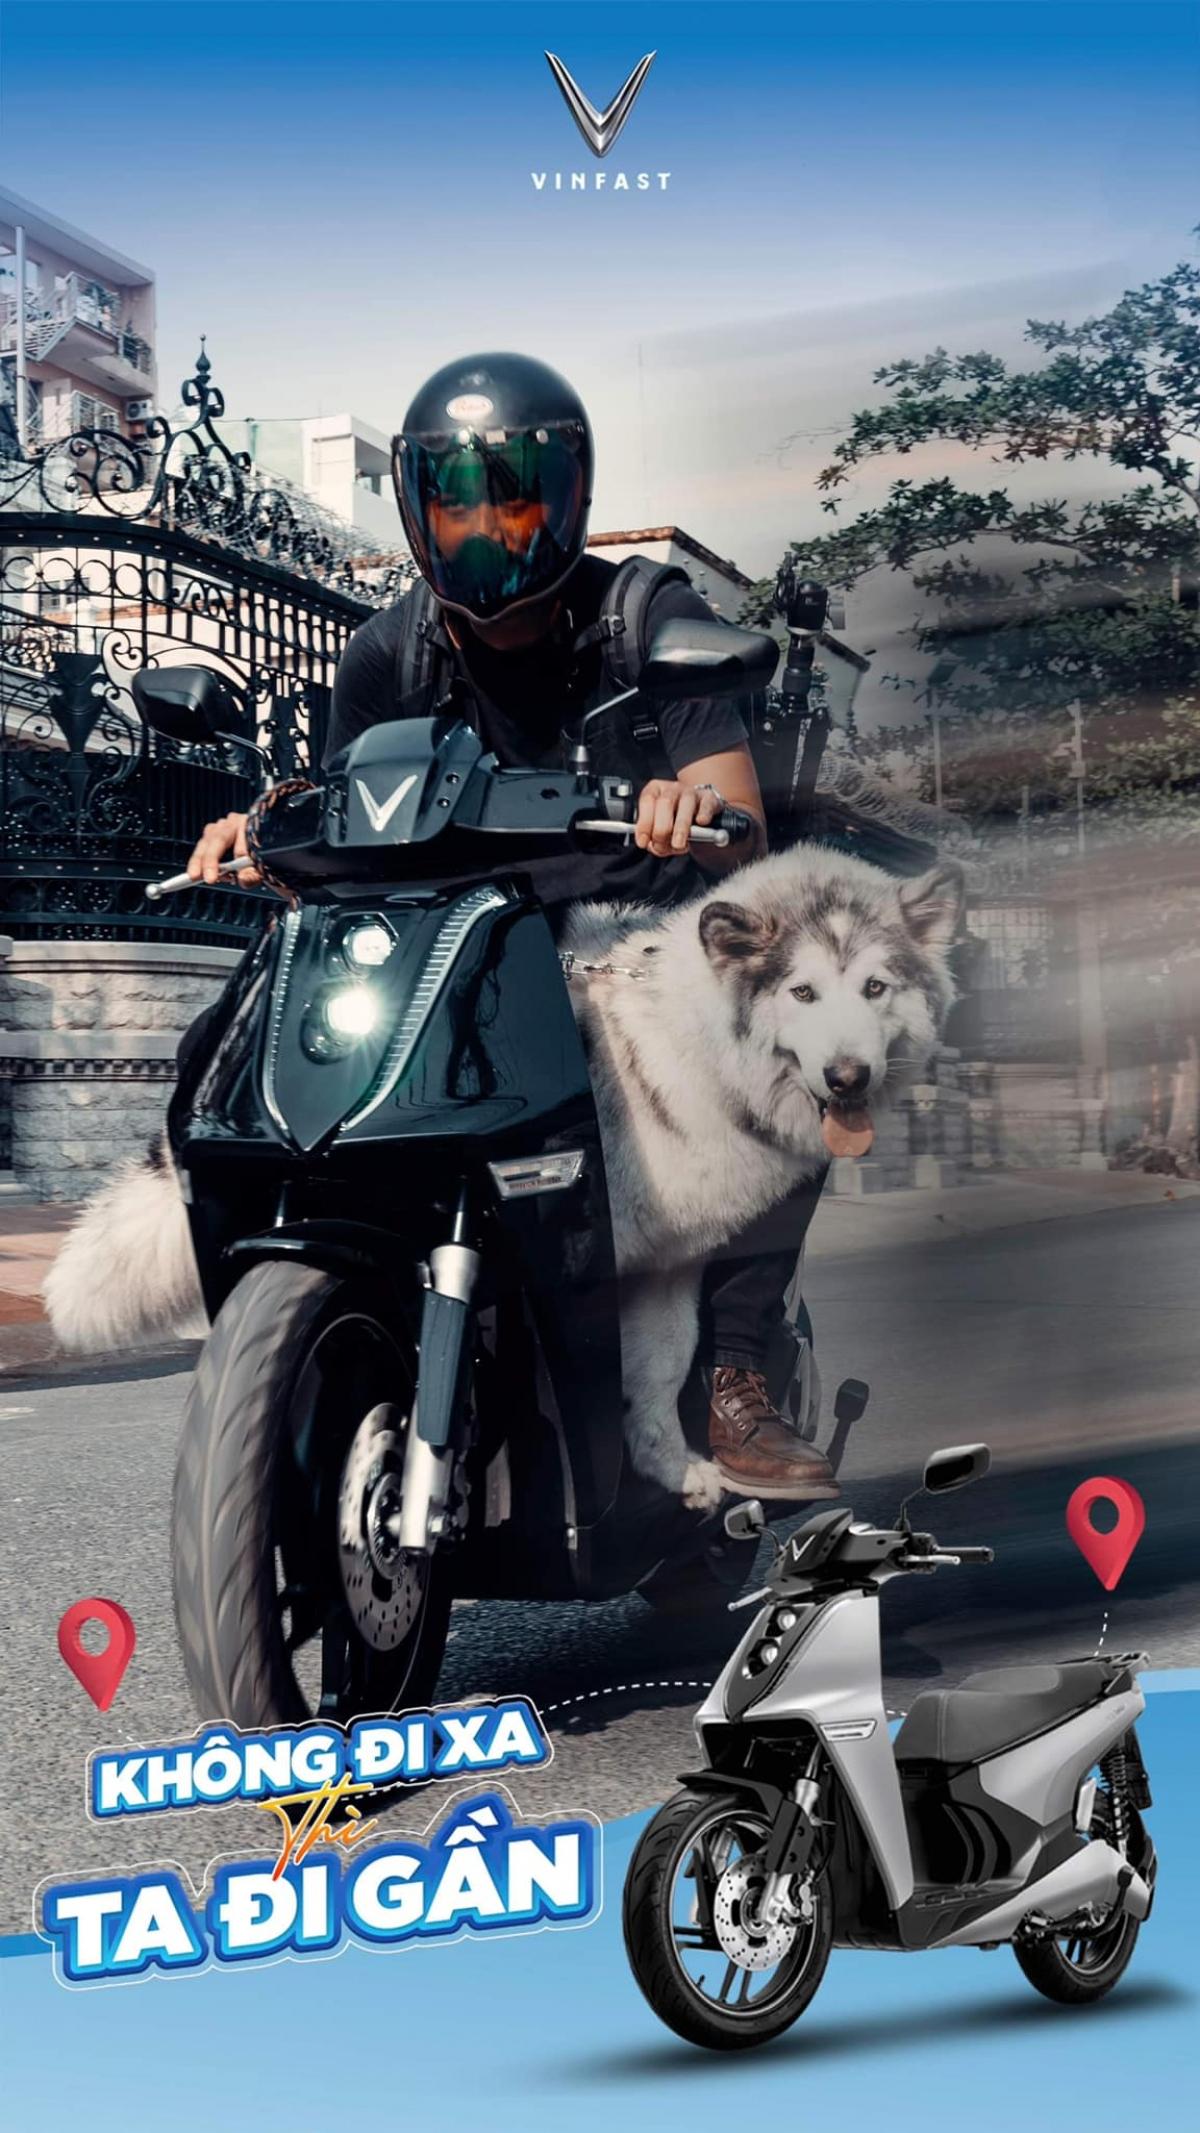 Trong khi đó, travel blogger Tùng Phạm lại nhiệt tình hưởng ứng cuộc thi bằng bức ảnh siêu cá tính cool ngầu cùng với thú cưng.